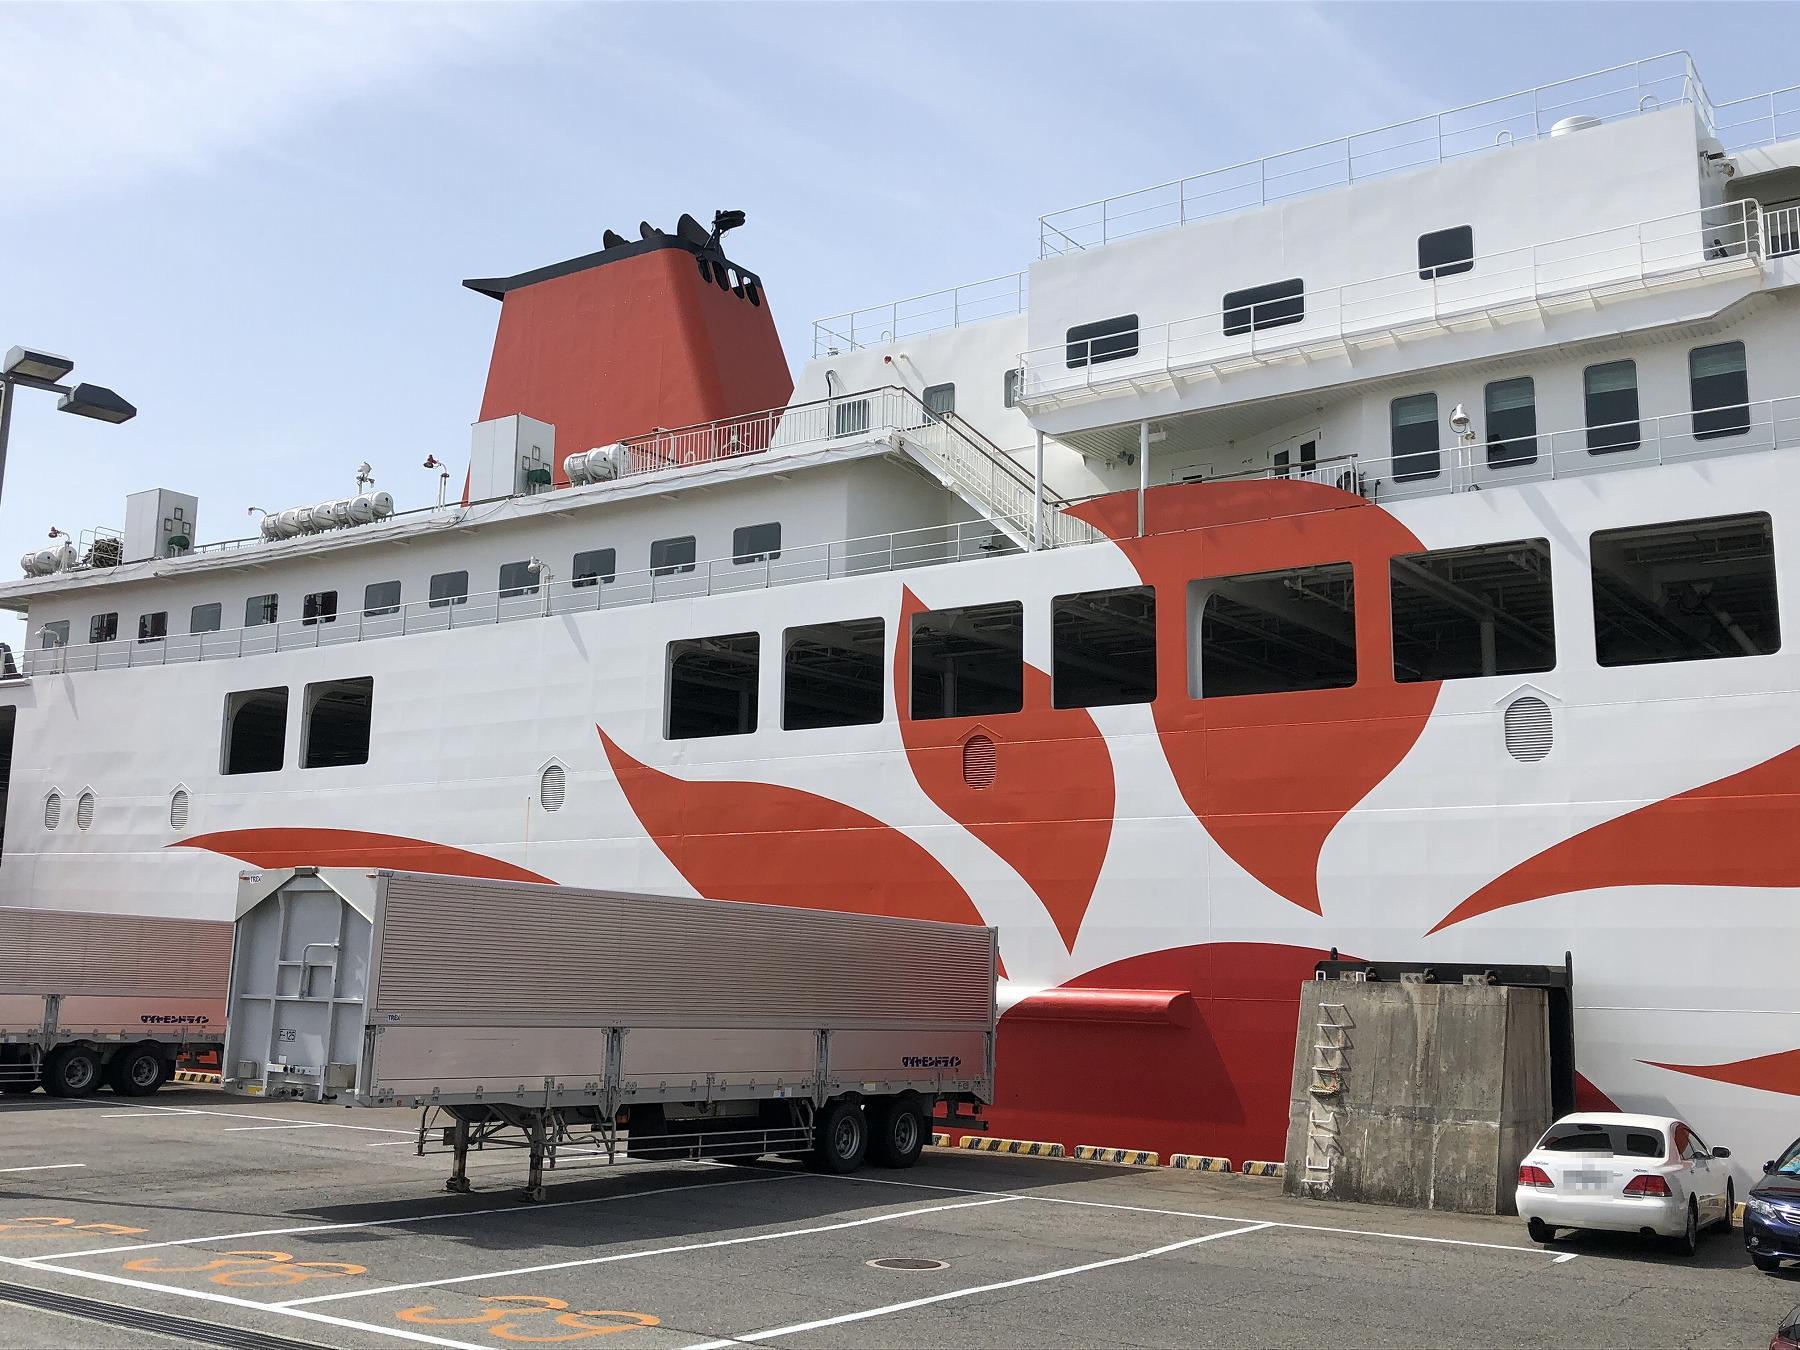 神戸・六甲アイランドにある「フェリーターミナル」を見学してきた! #さんふらわあ #阪九フェリー #六甲アイランド